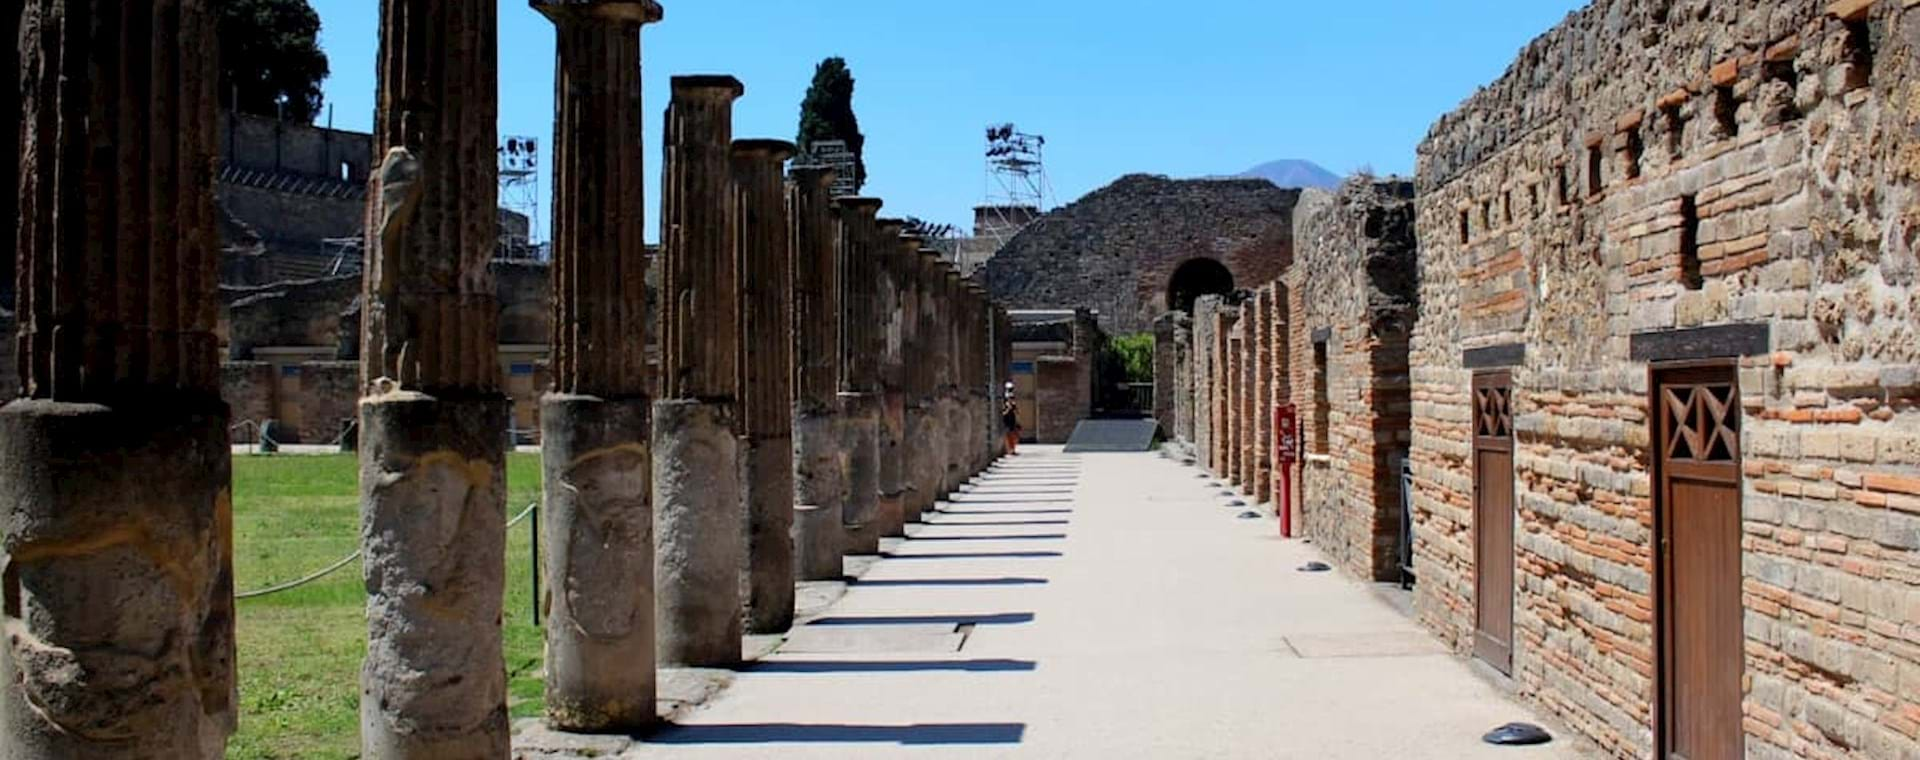 Pillar walkway in Pompeii